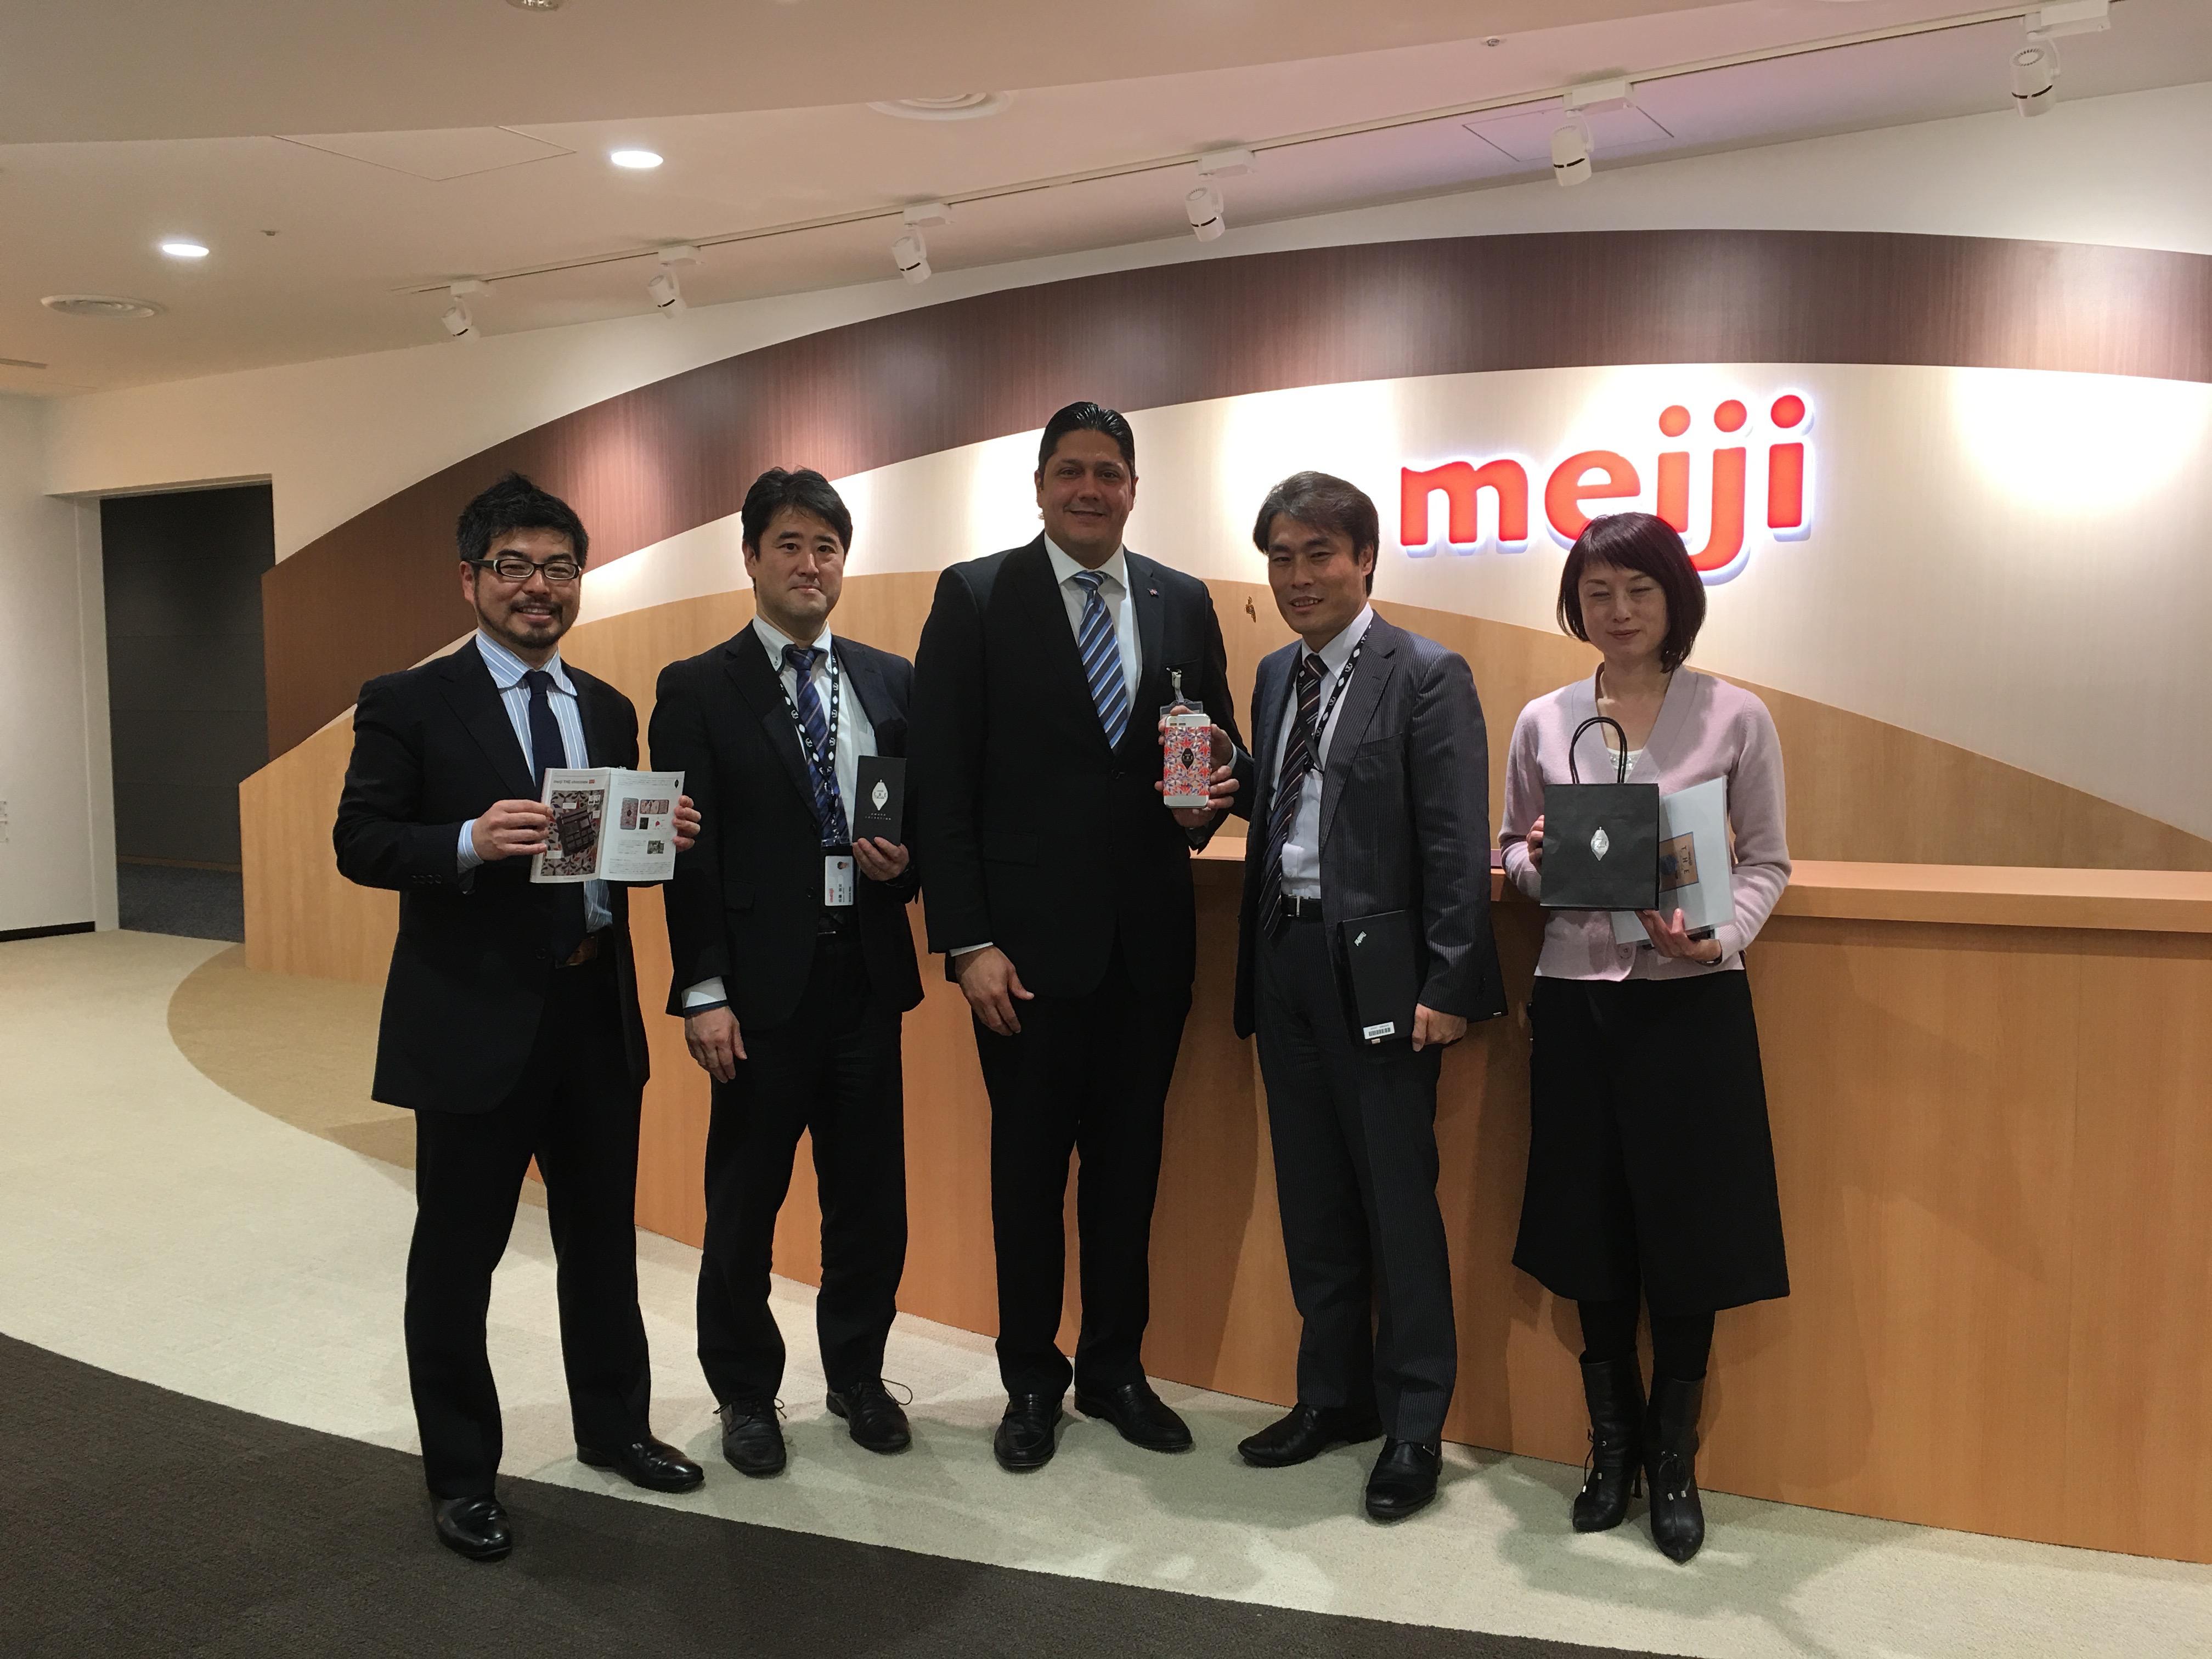 明治・菓子マーケティング部訪問 (Visita al departamento de marketing, Meiji)